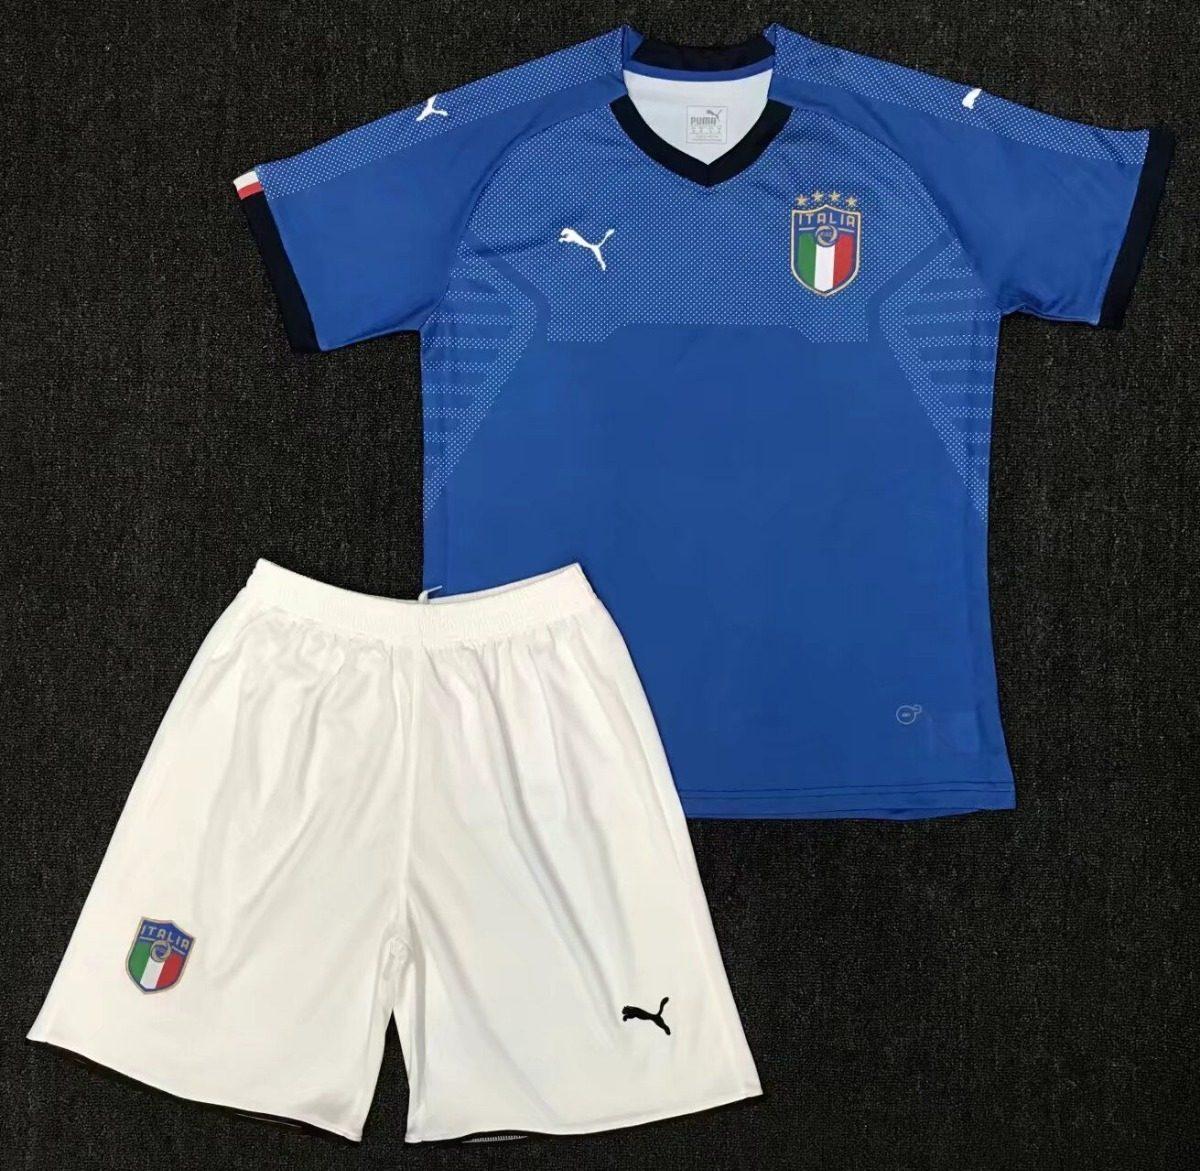 Uniforme Infantil Camisa E Shorts Criança Seleção Itália - R  149 8bb87a1b7e87d